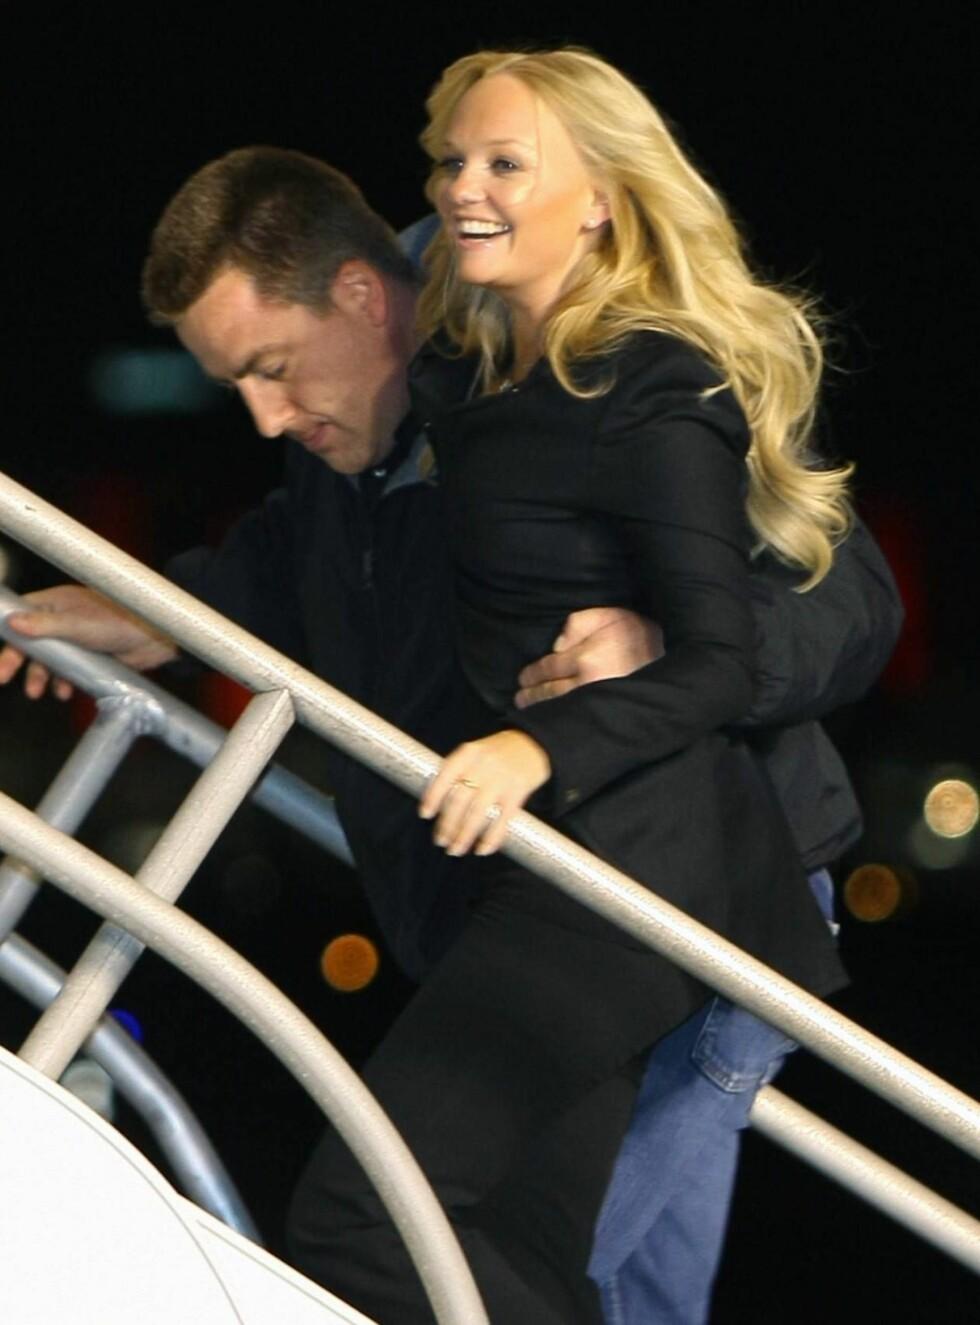 STØTTE: Baby Spice måtte ha støtte av livvakten da hun skulle ombord i det Spice Girls-oppkalte flyet. Foto: All Over Press